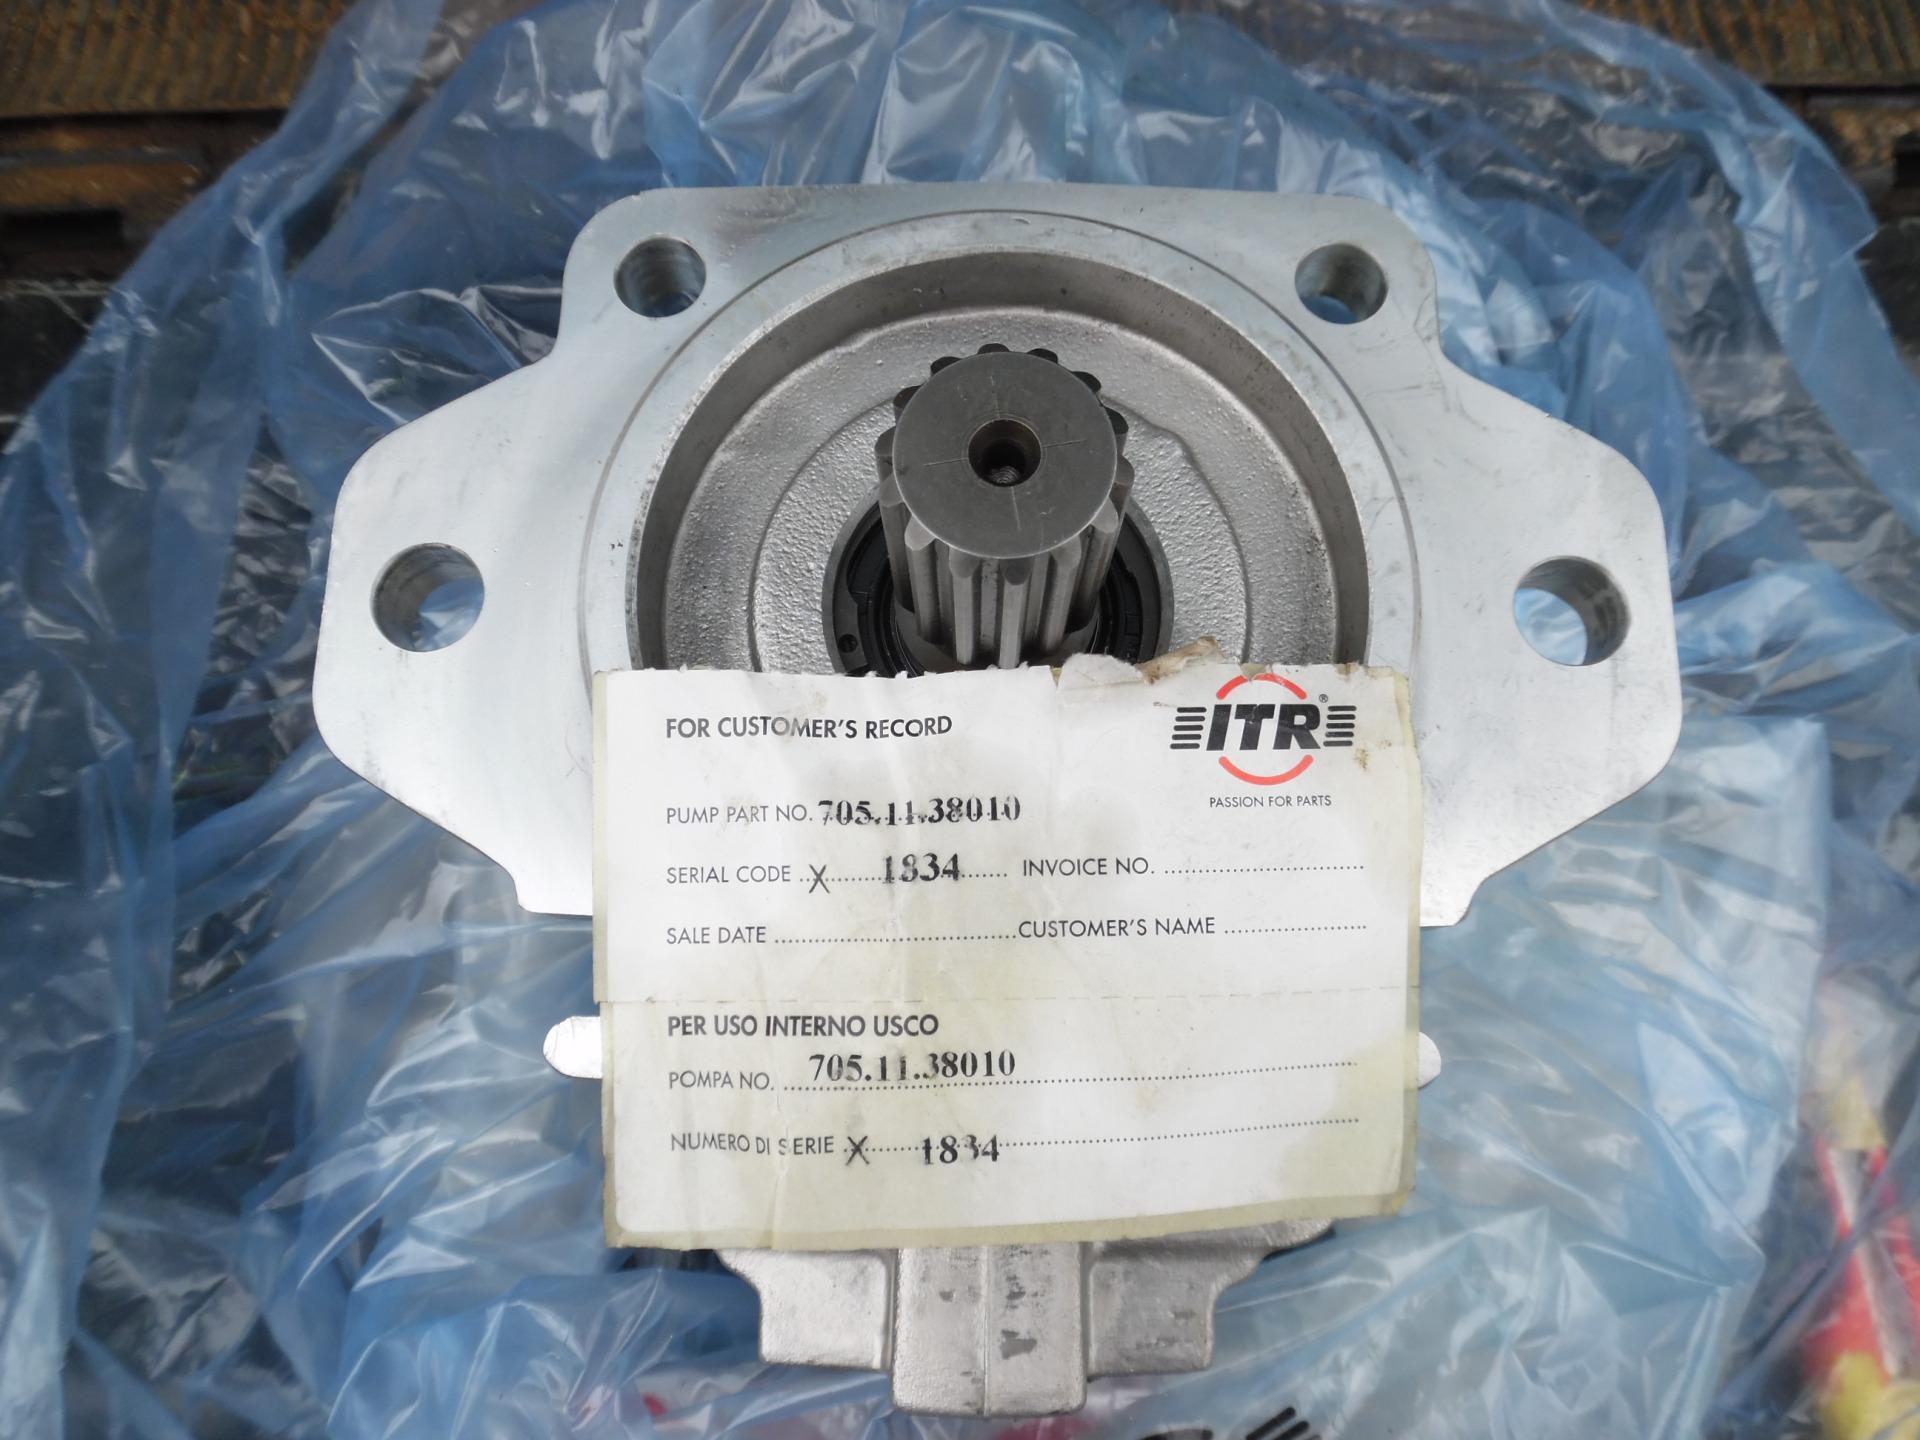 Гидронасос ITR 705-11-38010 для бульдозера D65E-12